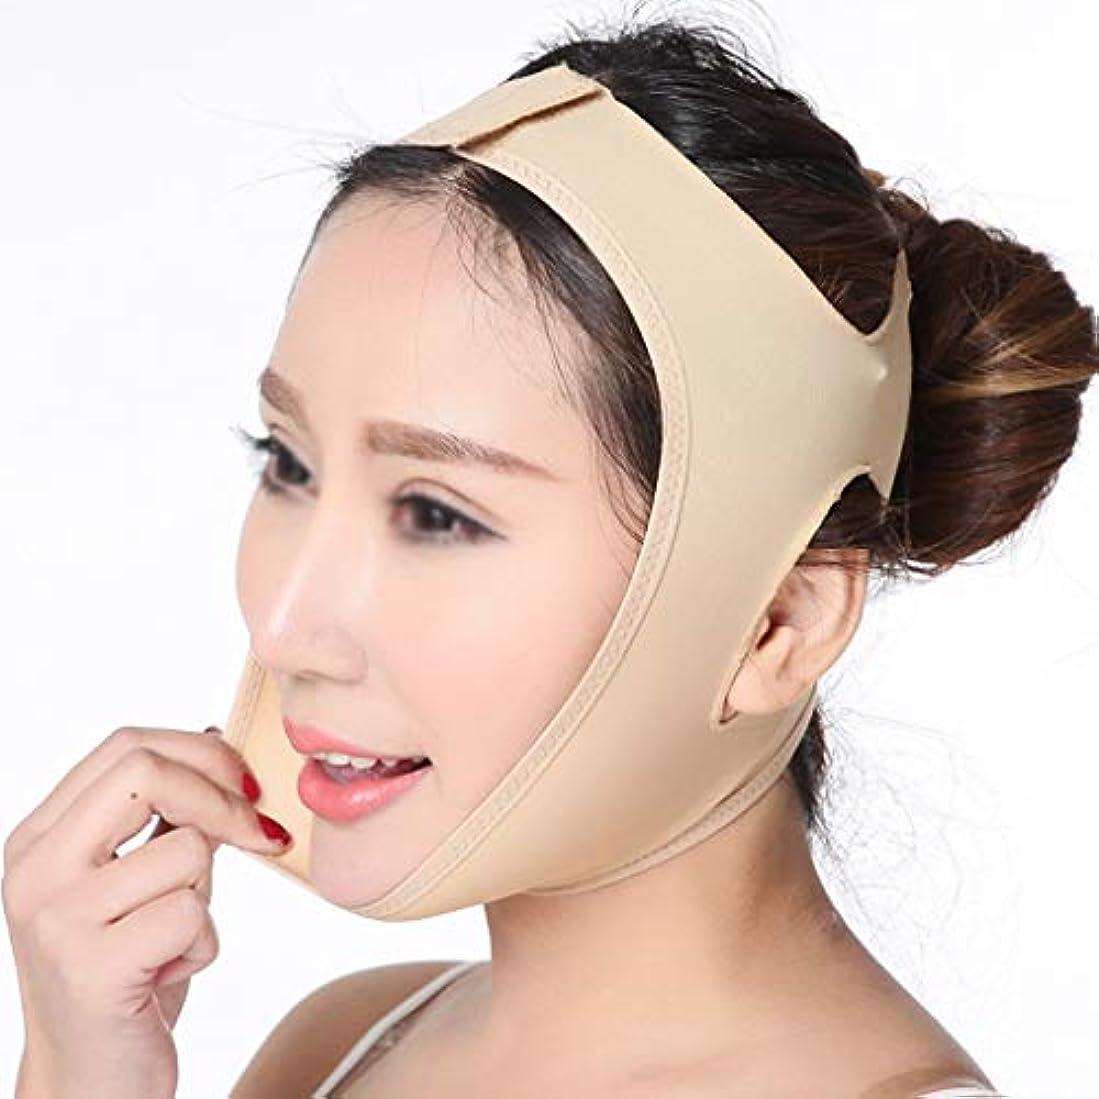 舌な緯度肉のMLX ファーミングマスク、アンチたるみ包帯美容マスクV-顔布ツールスリープ薄い顔アーティファクト、正しい顔リフティングベルト、 (Size : S)